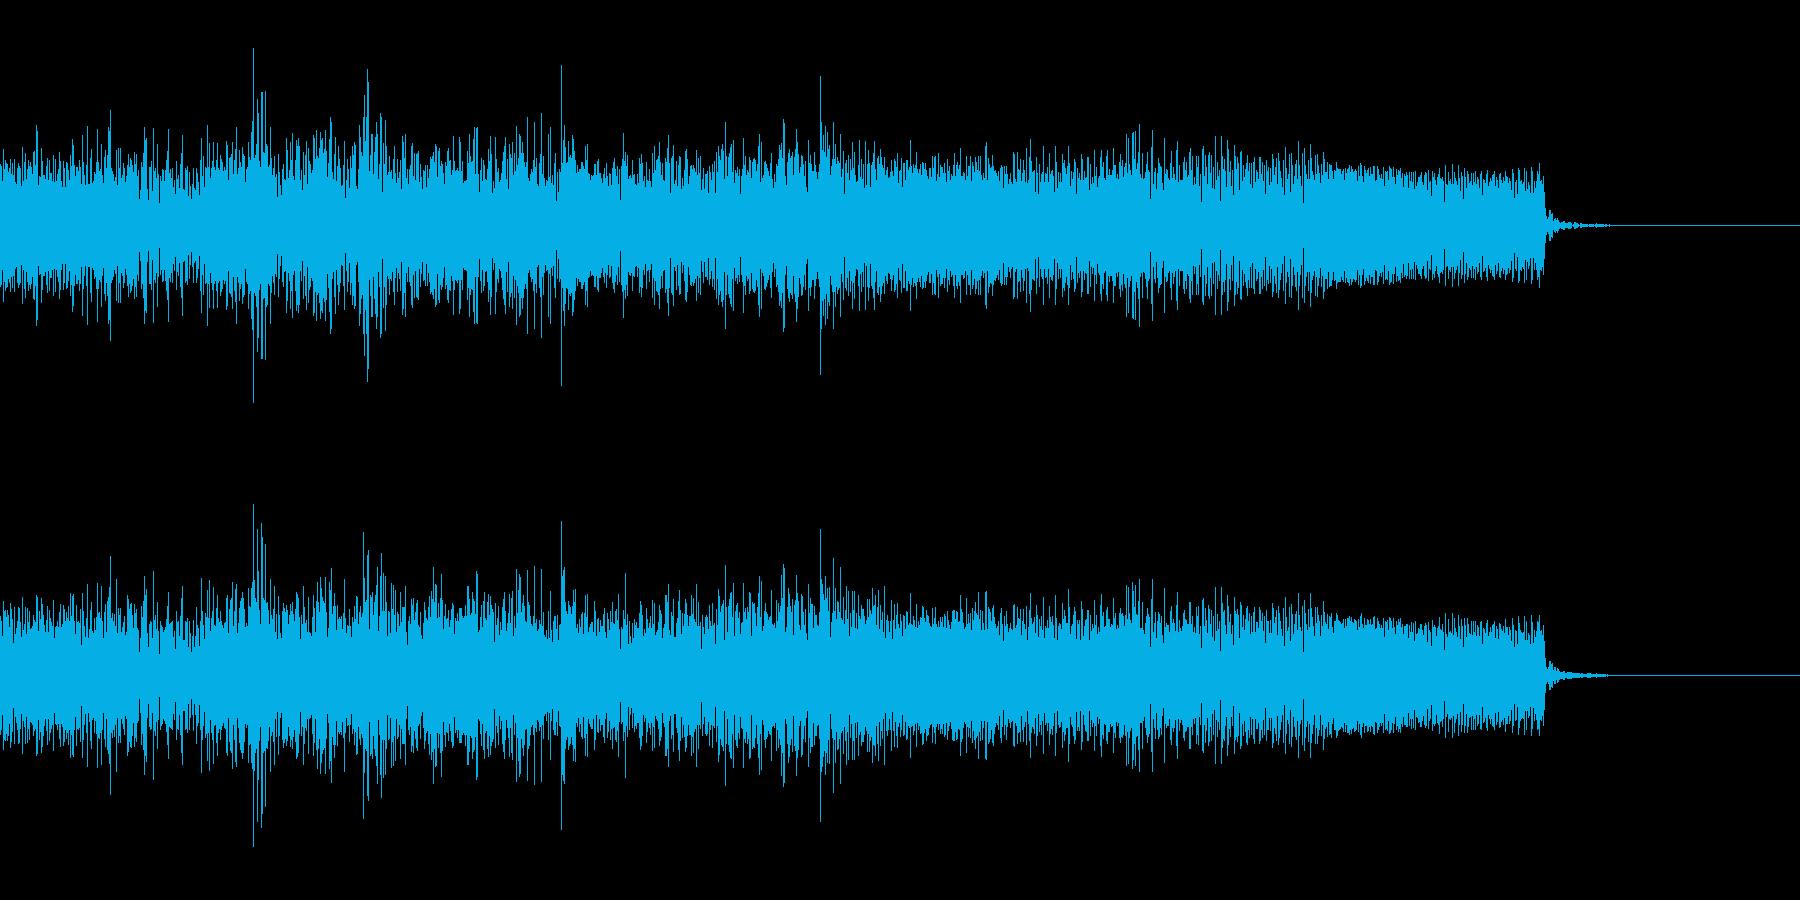 激しいメタルなジングル 戦闘 CMインの再生済みの波形